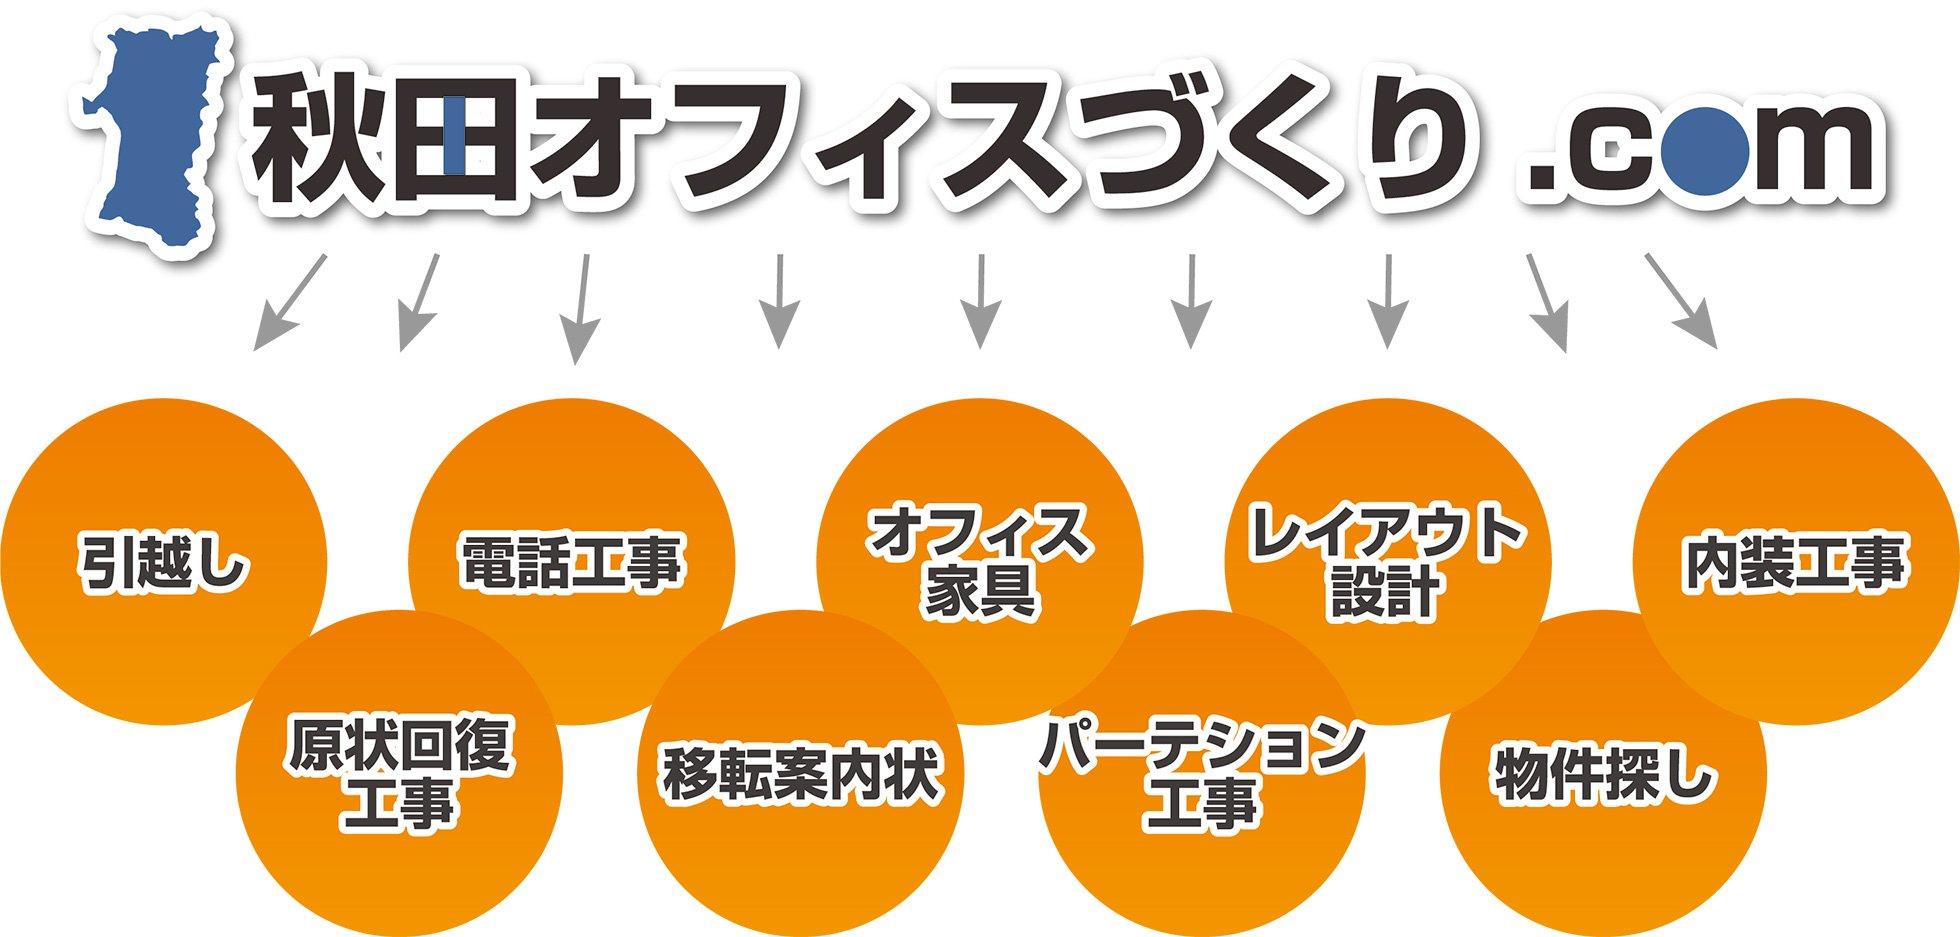 9つの対応の図